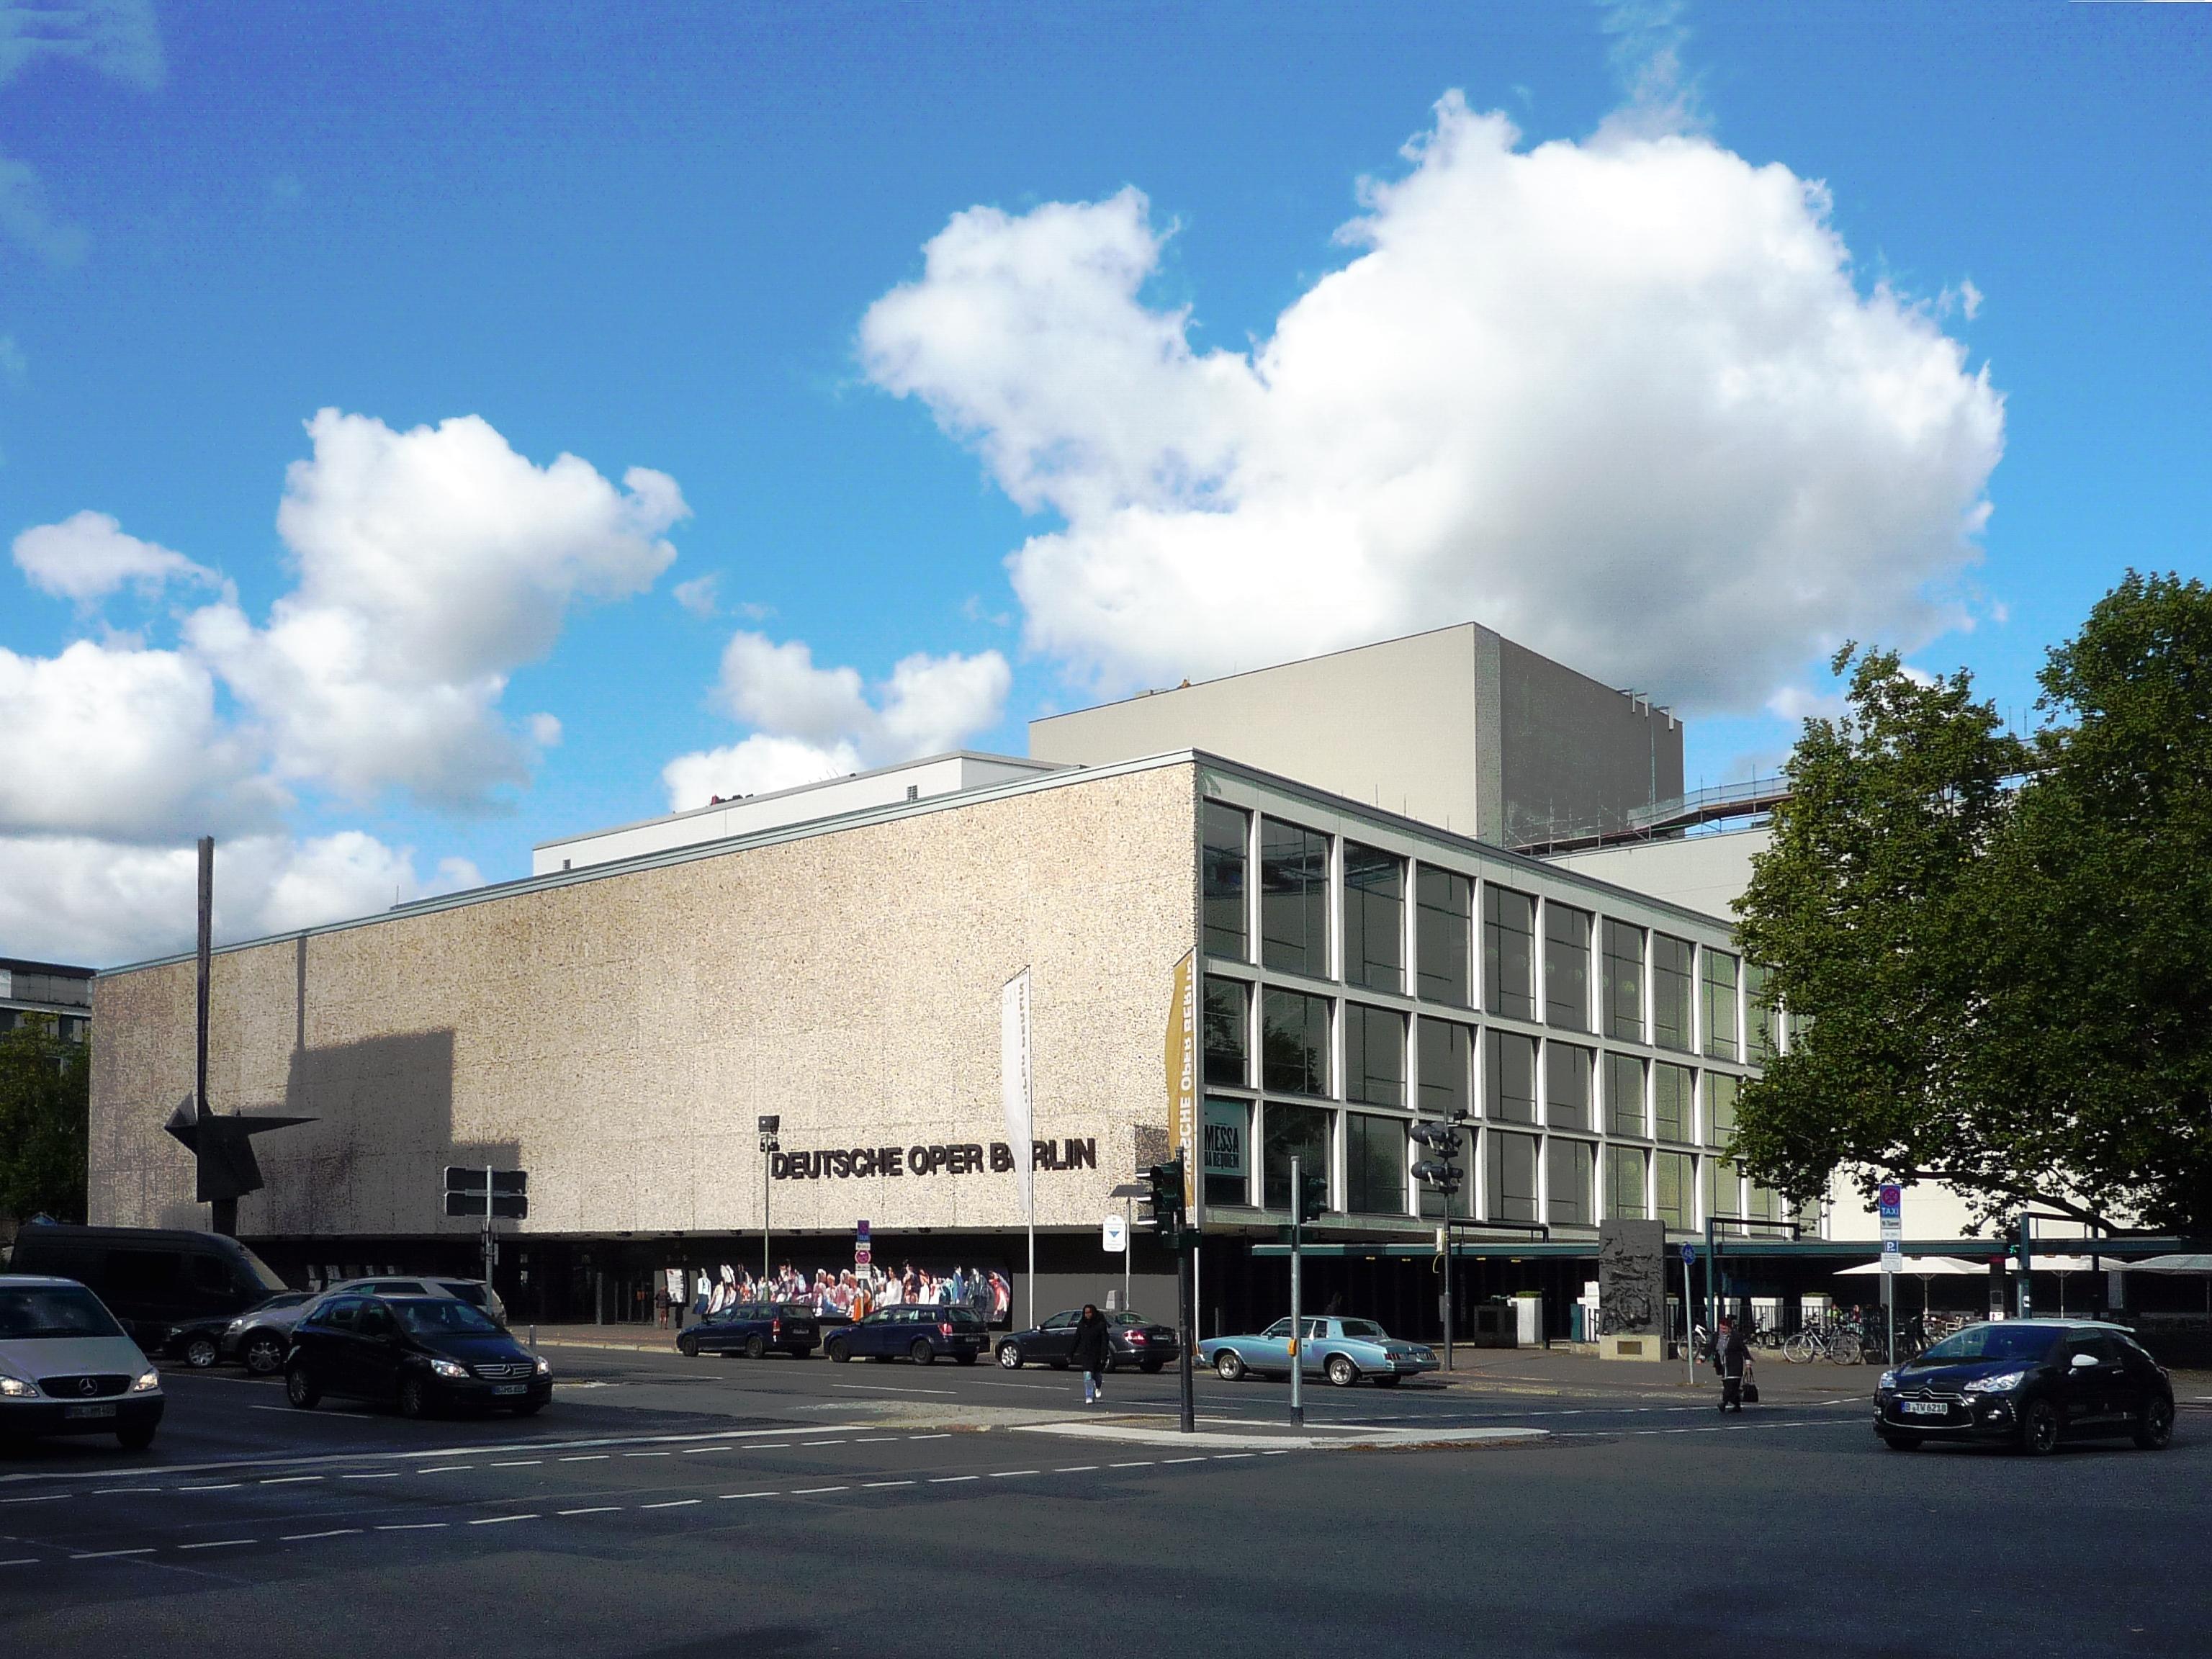 http://upload.wikimedia.org/wikipedia/commons/8/8e/Deutsche_Oper_Berlin._Ansicht_von_S%C3%BCdosten.jpg